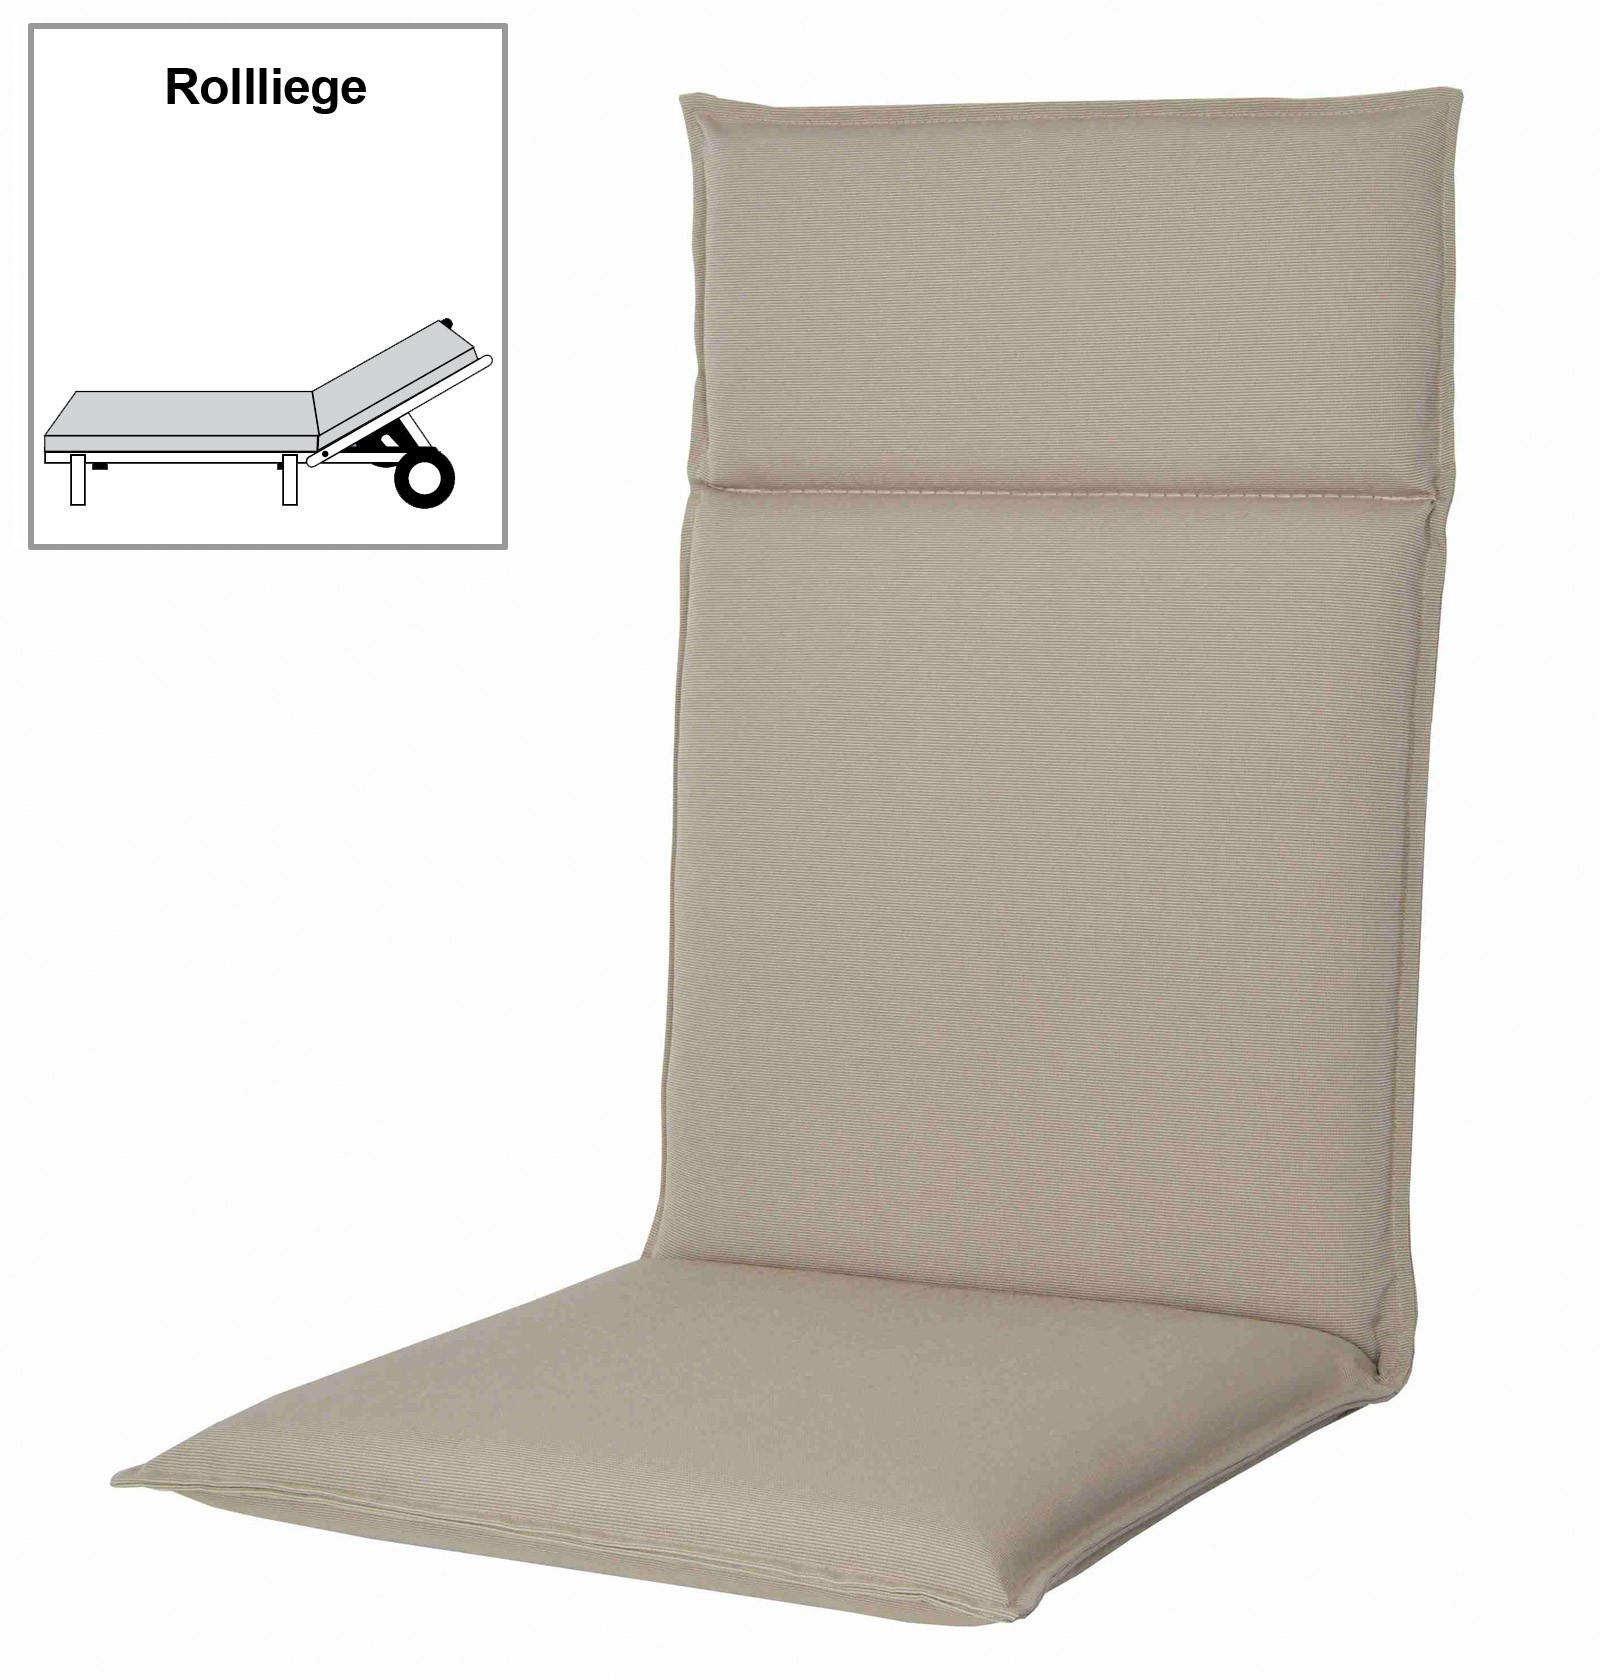 polster auflage f r gartenm bel gartenliege spirit d. Black Bedroom Furniture Sets. Home Design Ideas